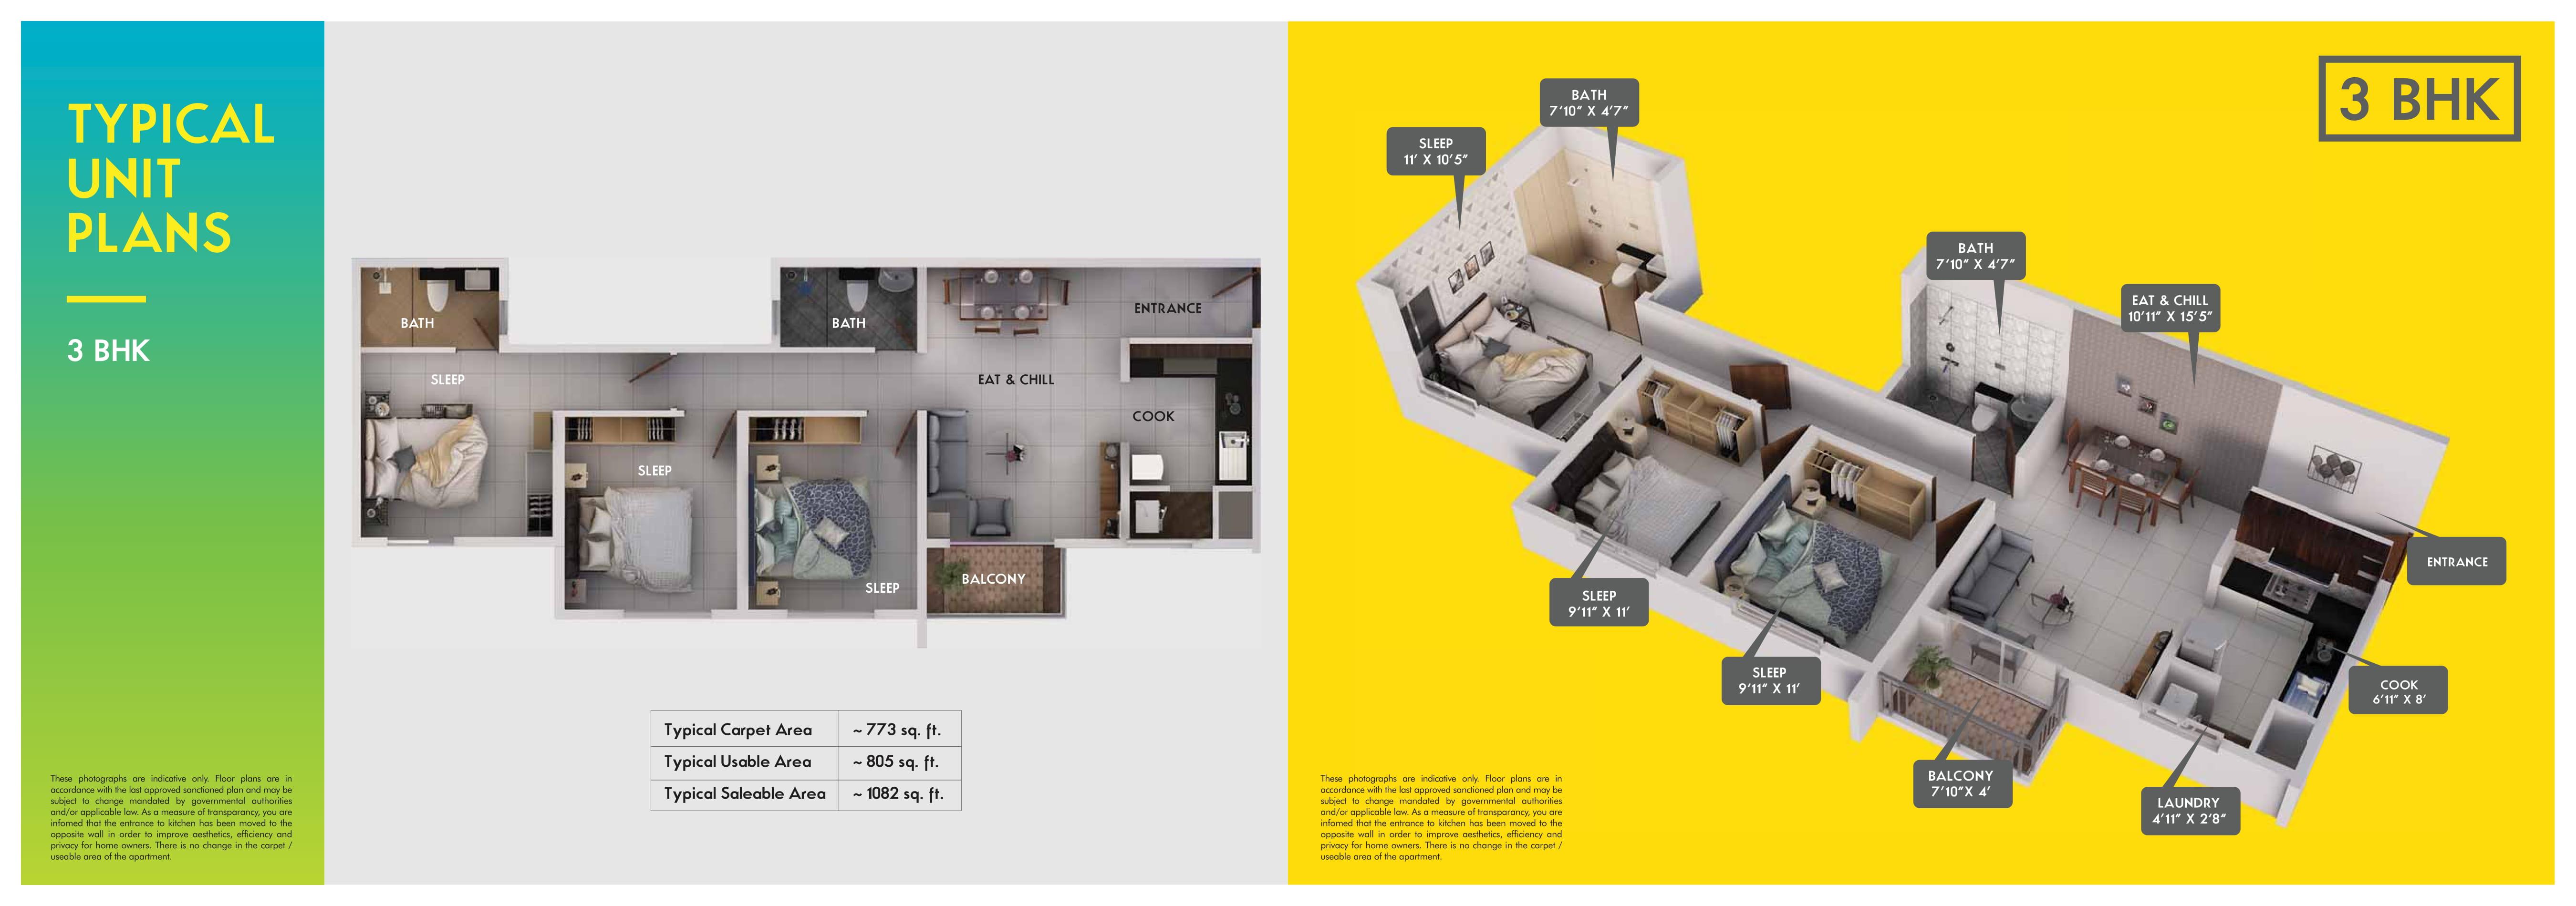 Provident Equinox Floor Plan Reviews